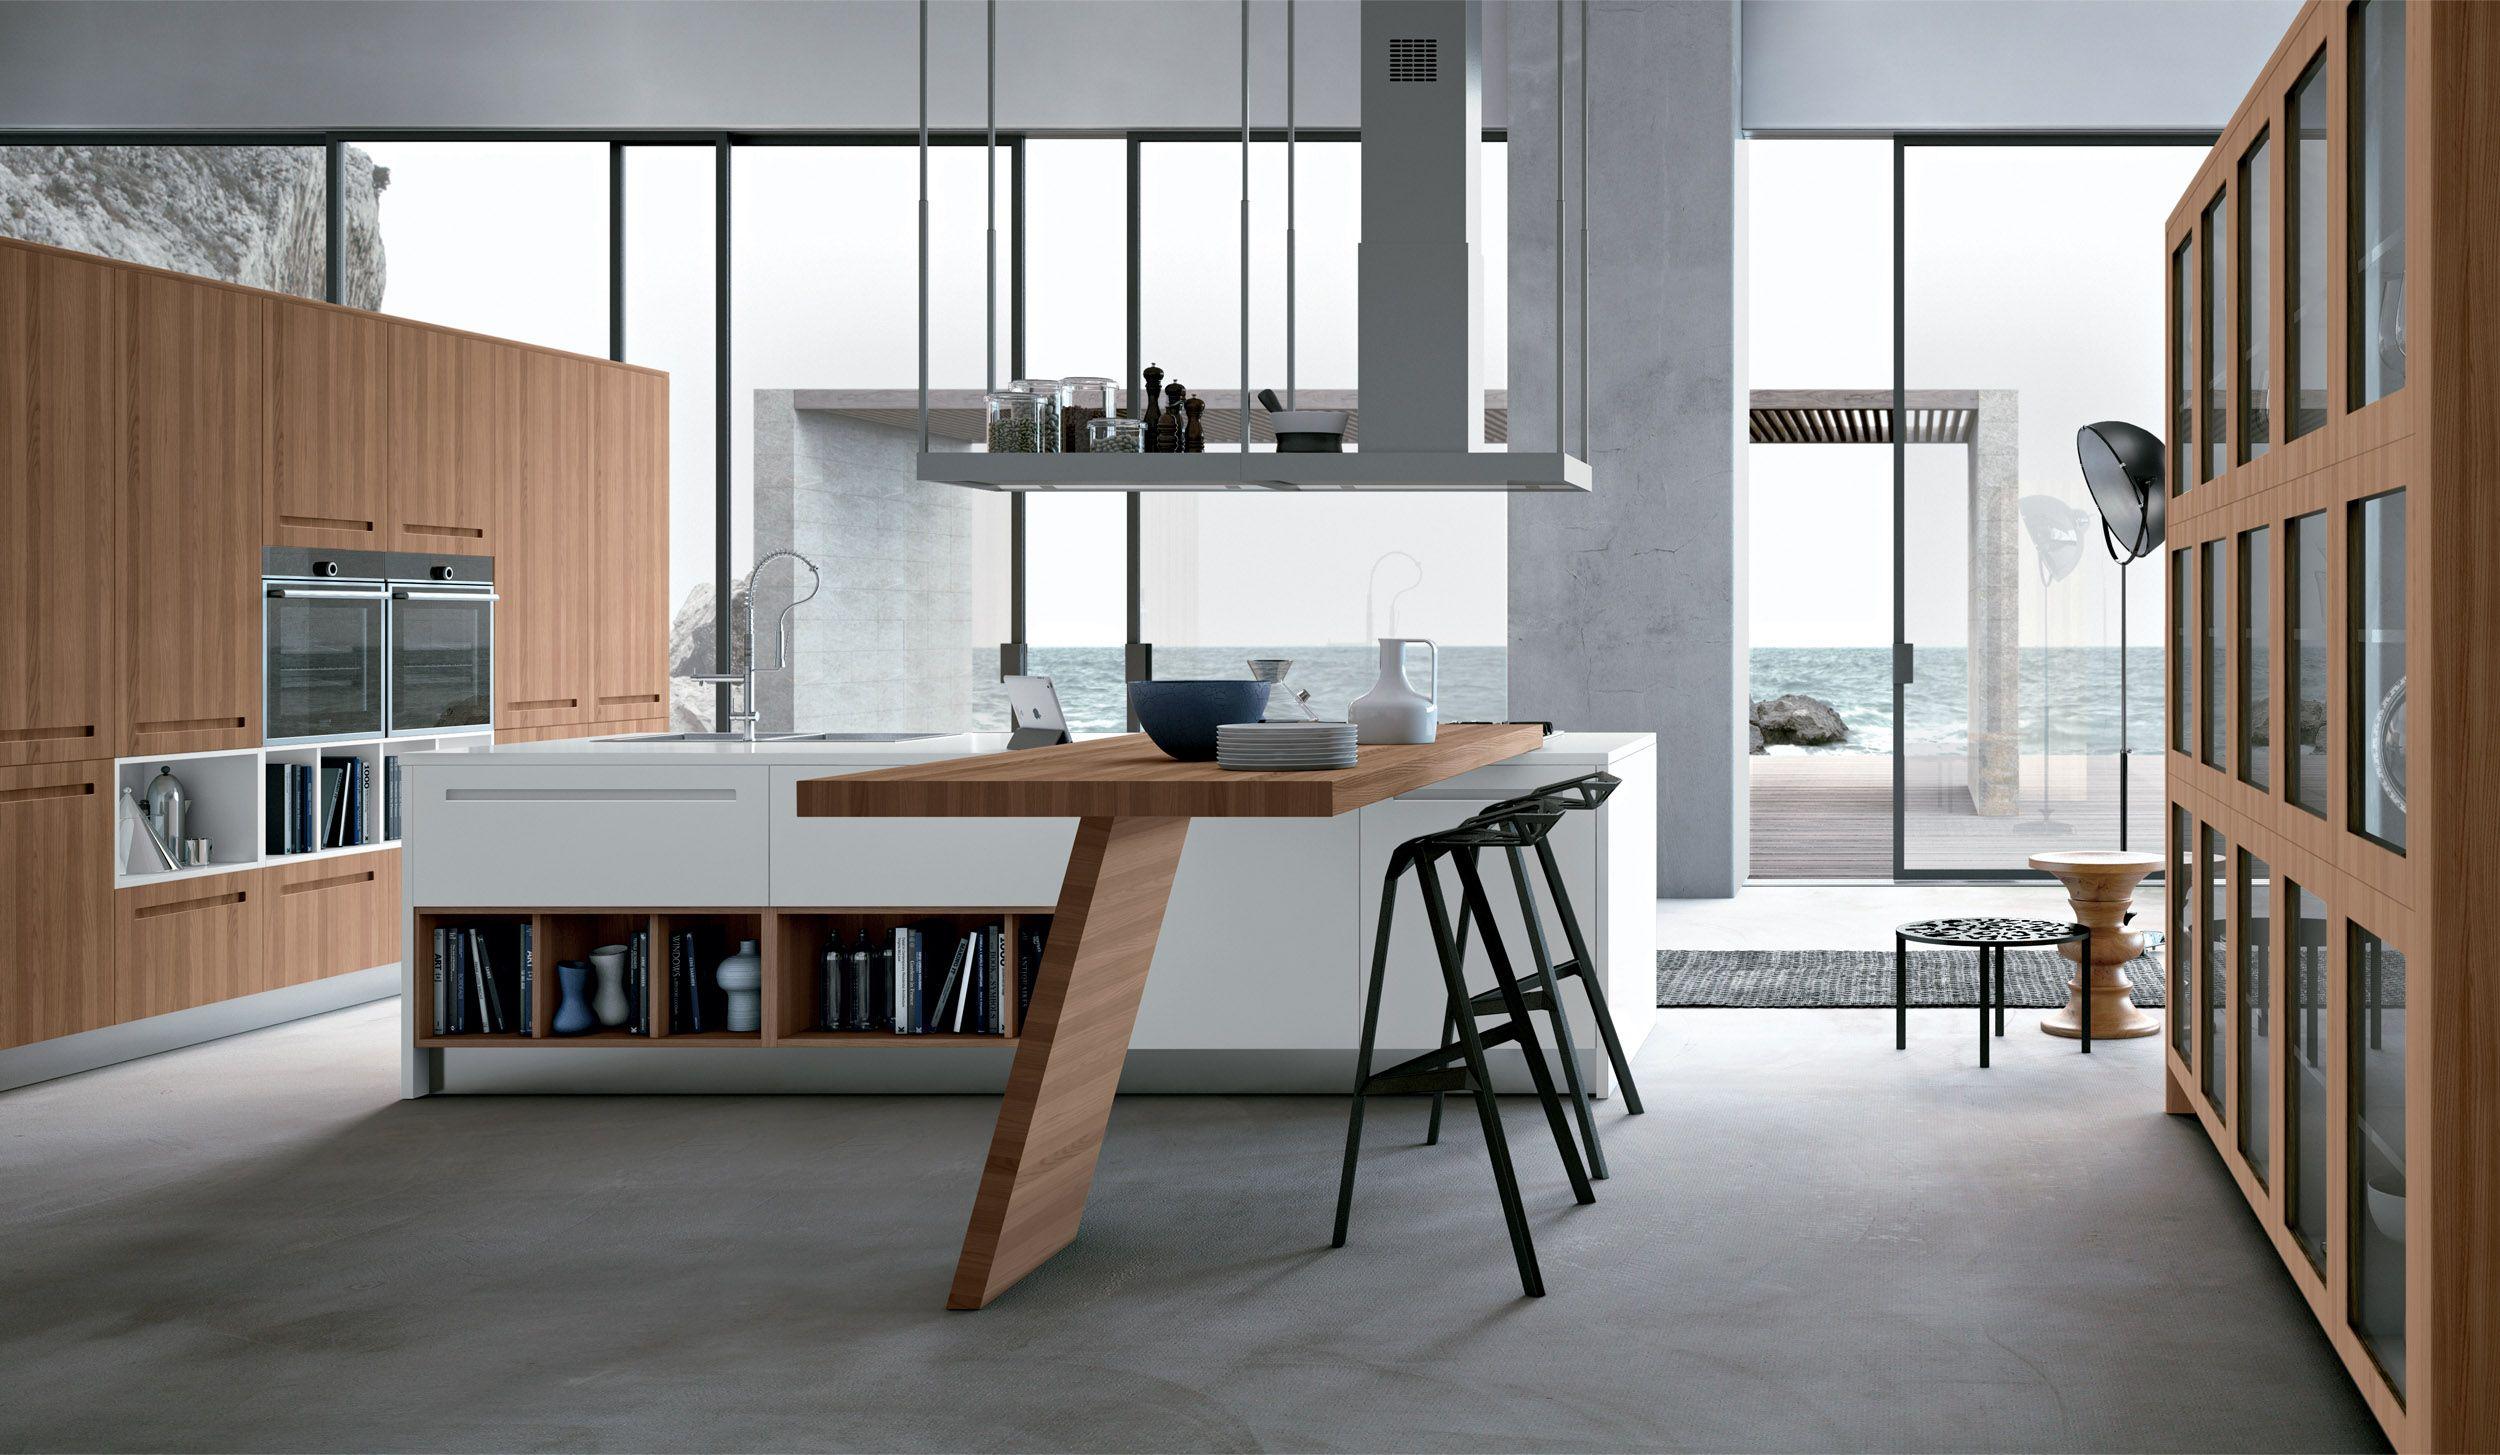 Coin Arredamento ~ Stosa cucine arredamento per cucine moderne mood kitchen